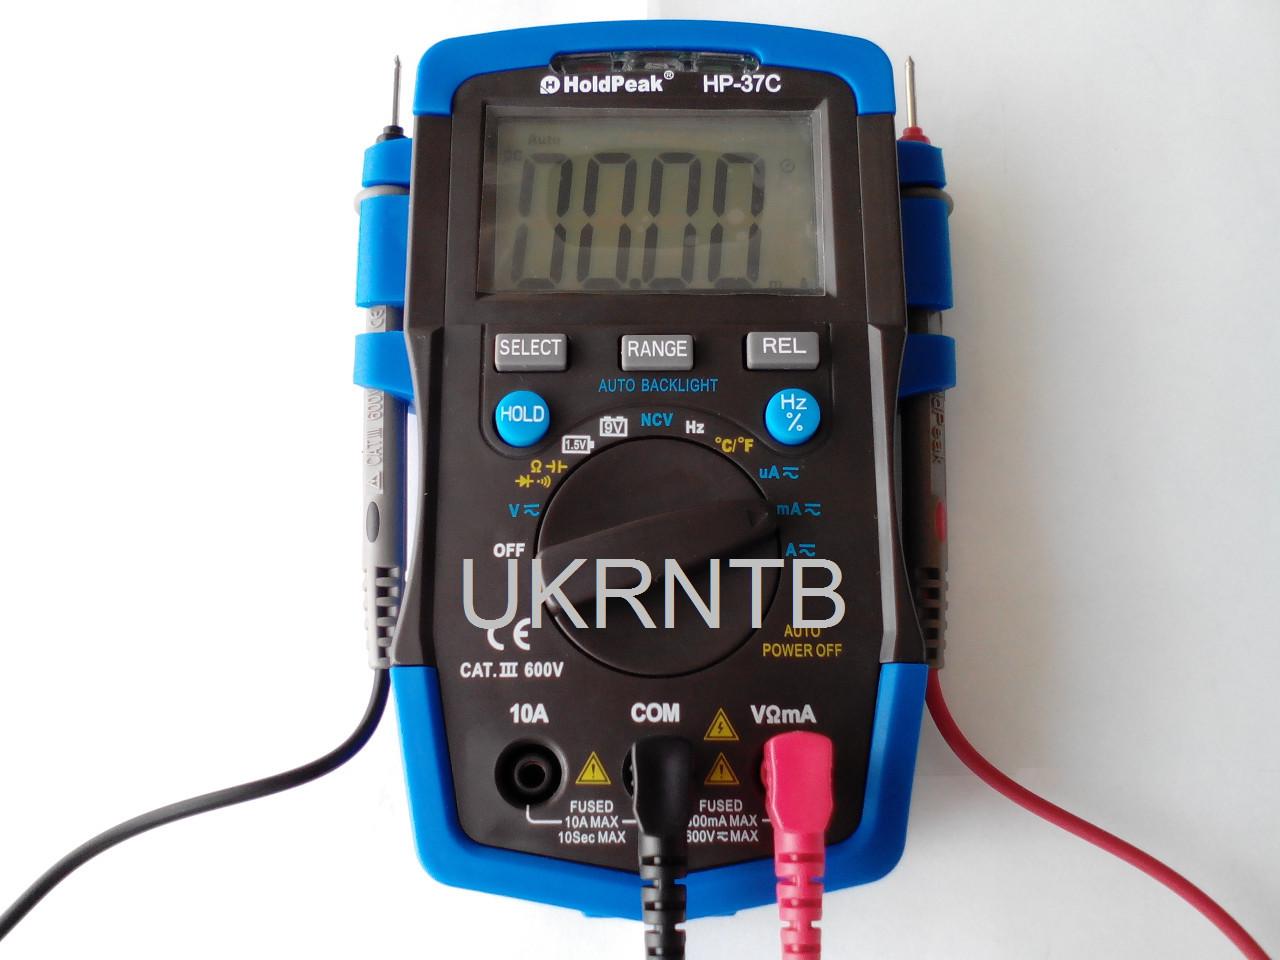 Мультиметр / Тестер HP-37C з автоматичним вибором діапазонів, True RMS, тест акумуляторів/батарейок, NCV